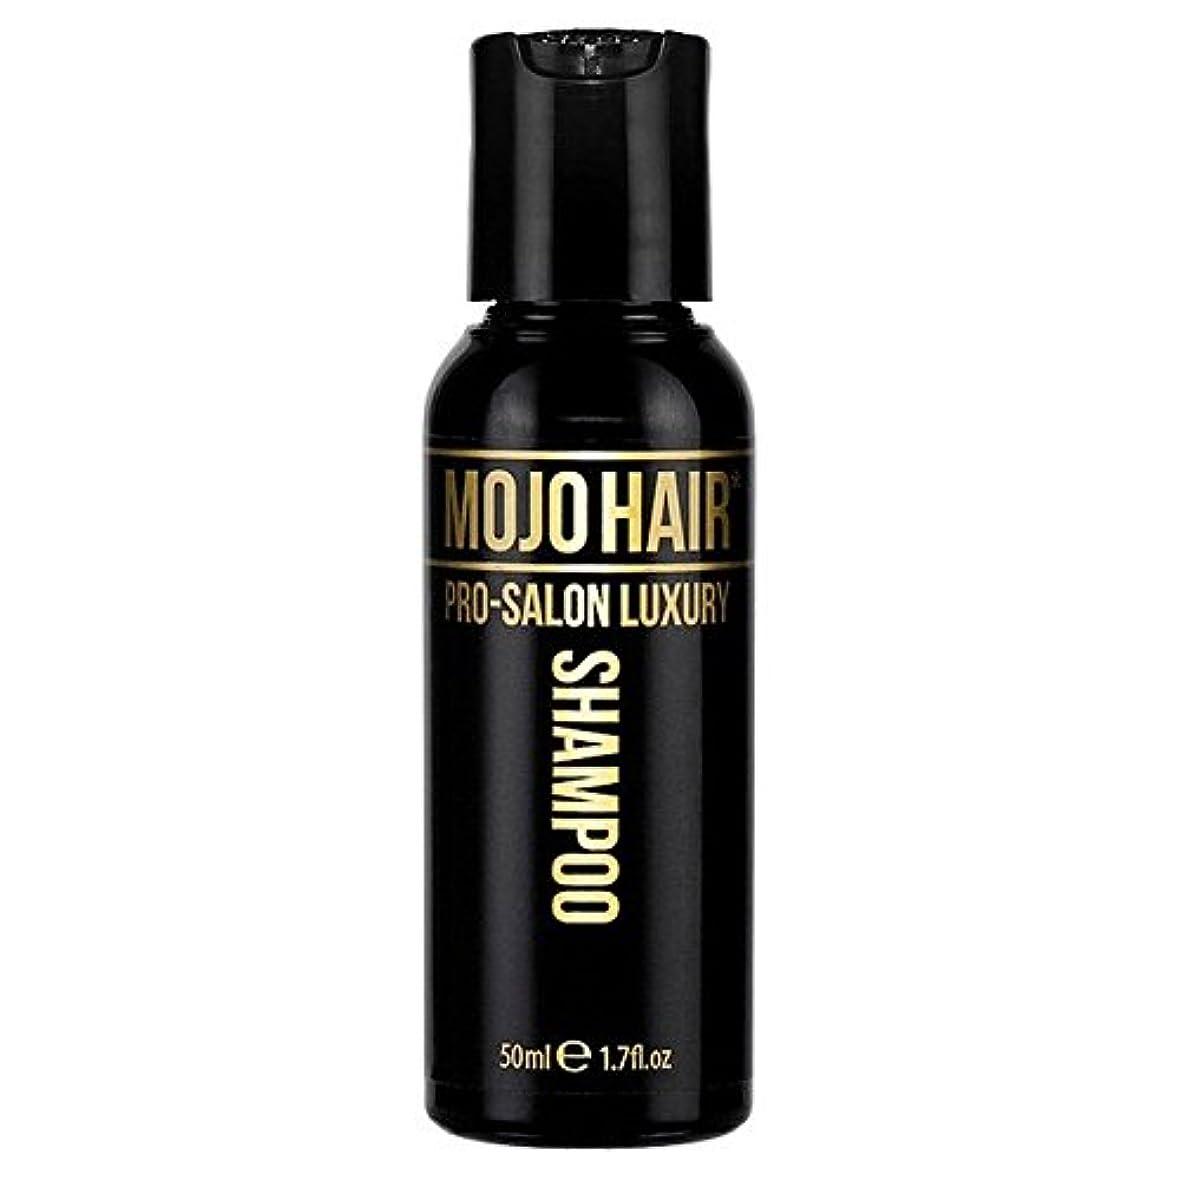 ダニ彫るフレッシュMOJO HAIR Pro-Salon Luxury Fragrance Shampoo for Men, Travel Size 50ml - 男性のためのモジョの毛プロのサロンの贅沢な香りのシャンプー、トラベルサイズの50ミリリットル [並行輸入品]